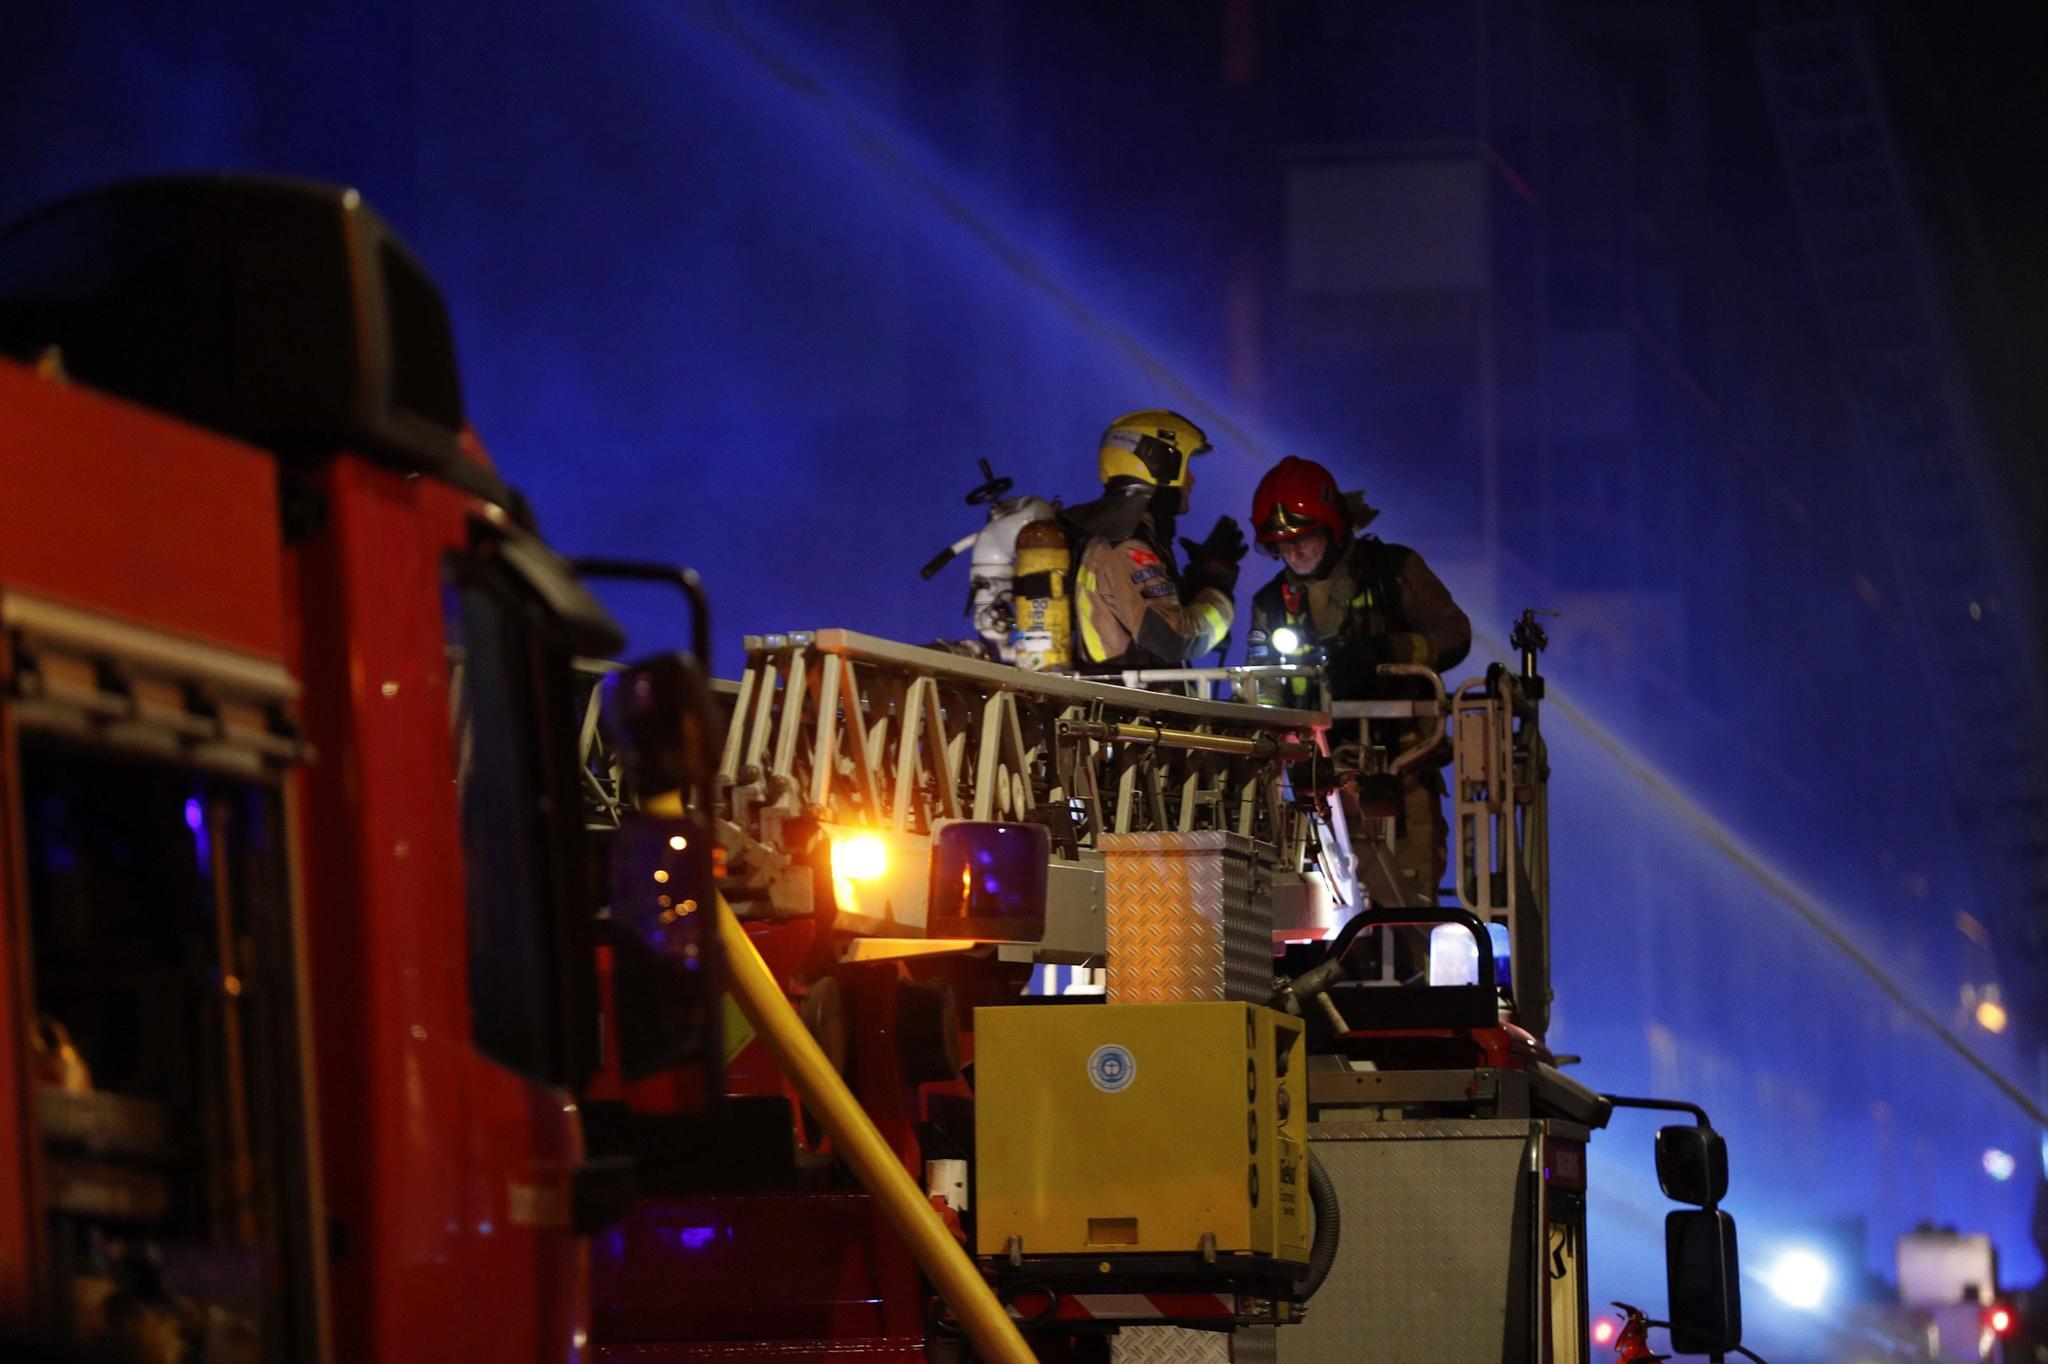 GRAF2596. lt;HIT gt;BADALONA lt;/HIT gt; (BARCELONA), 09/12/2020.- Una veintena de dotaciones de los Bomberos de la Generalitat trabajan esta noche en la extinción del incendio de una nave abandonada en la localidad barcelonesa de lt;HIT gt;Badalona lt;/HIT gt;, en la que residían varias personas sin hogar y entre las que hay varios heridos graves.  Alejandro García